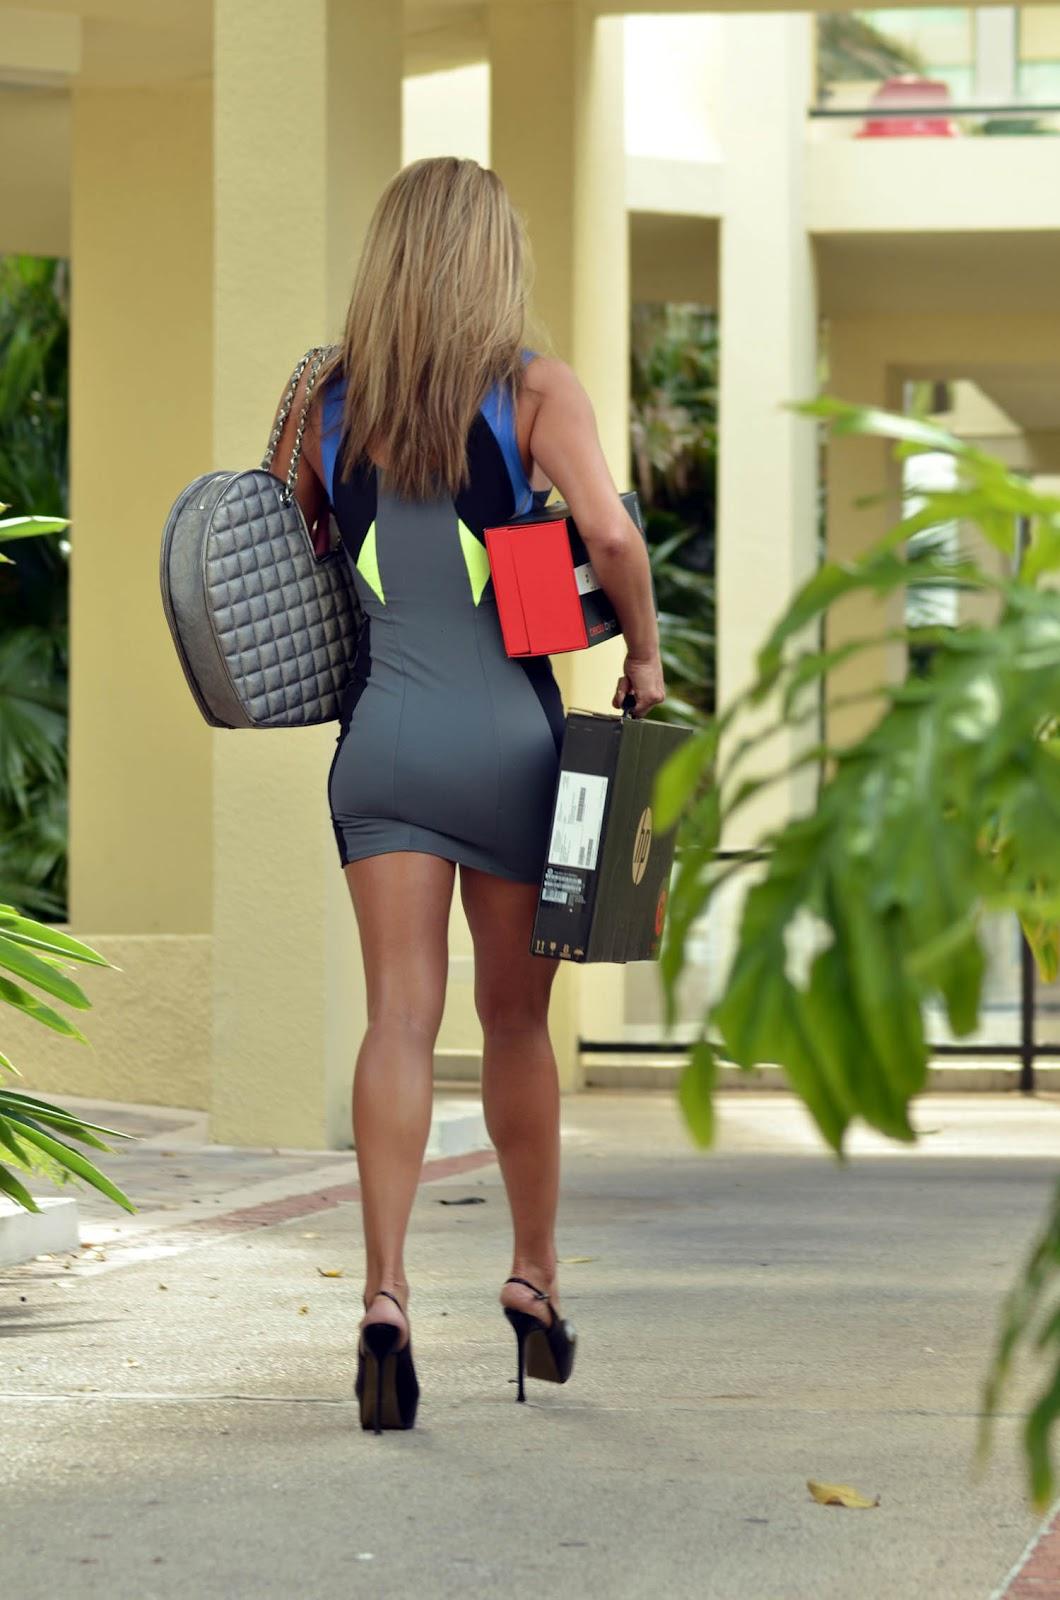 http://3.bp.blogspot.com/-PPhmT2phMOo/Ty0_Wz35drI/AAAAAAAAHmE/aBZmTnDPytI/s1600/jennifer+nicole+lee+dresses+hot+sexy+coolaristo+12.jpg